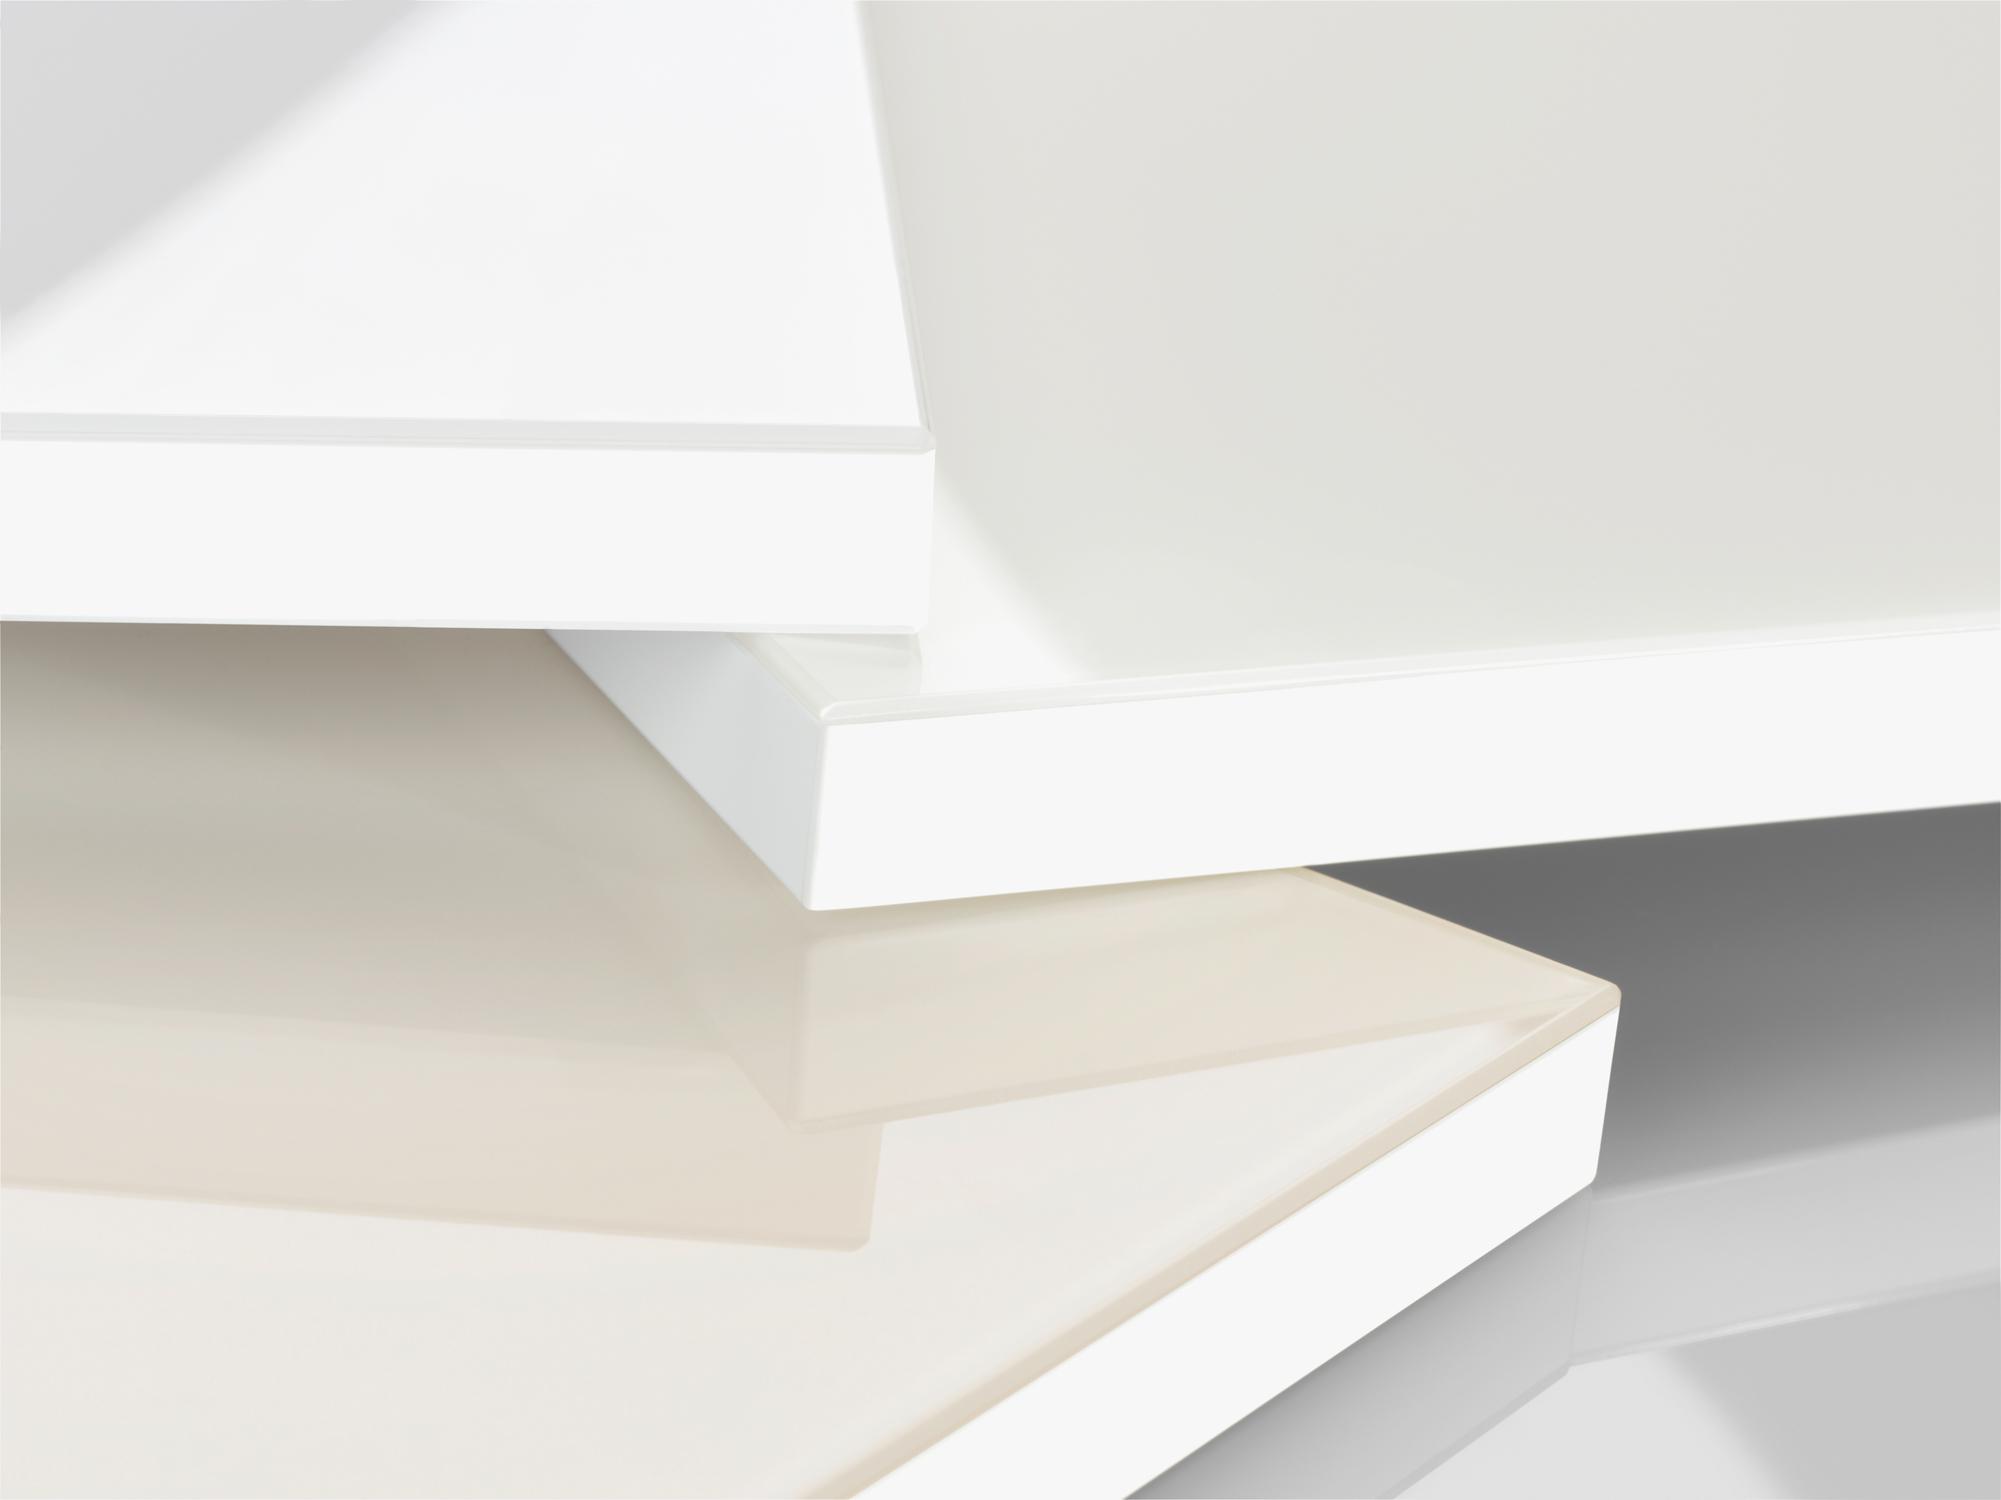 rauvisio crystal slim la gran apuesta de rehau en maderalia selecci n materiales y tecnolog a. Black Bedroom Furniture Sets. Home Design Ideas